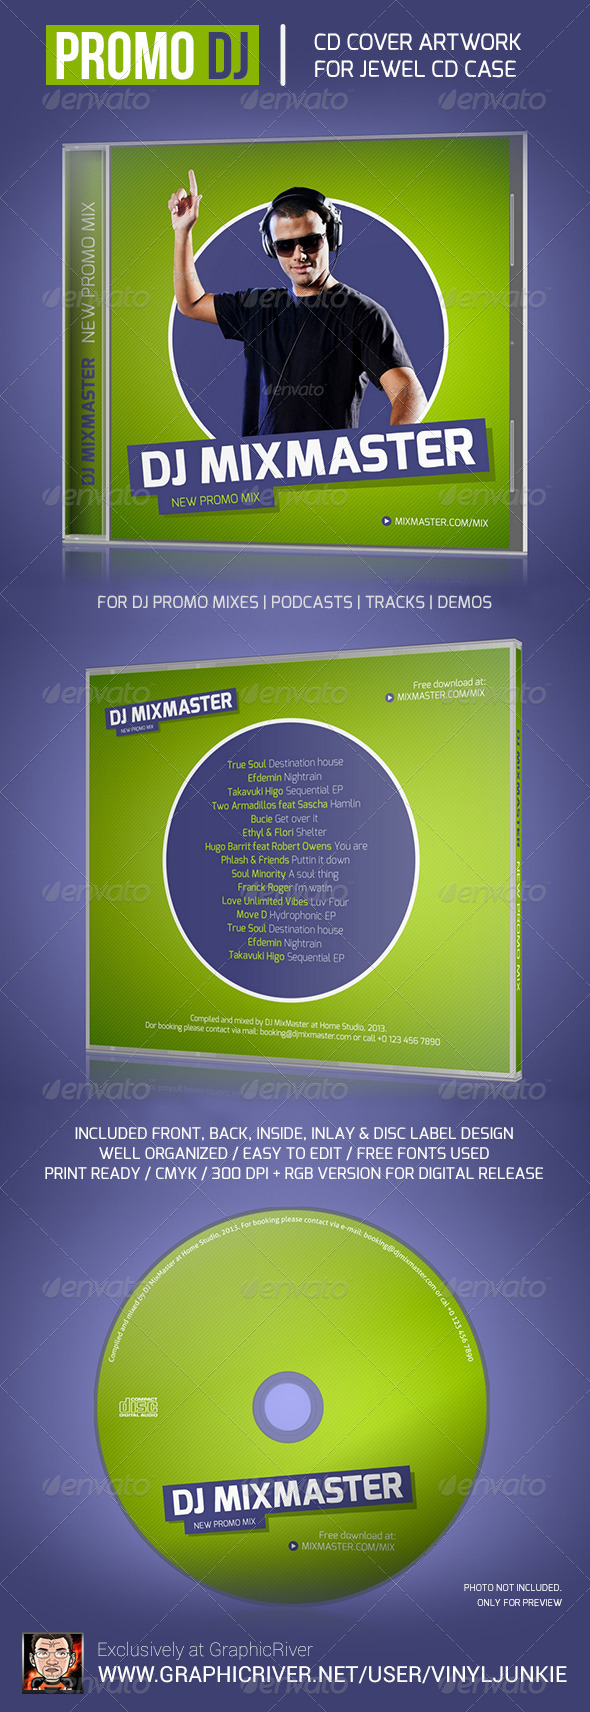 GraphicRiver Promo DJ Mix CD Cover Artwork Template 6209868